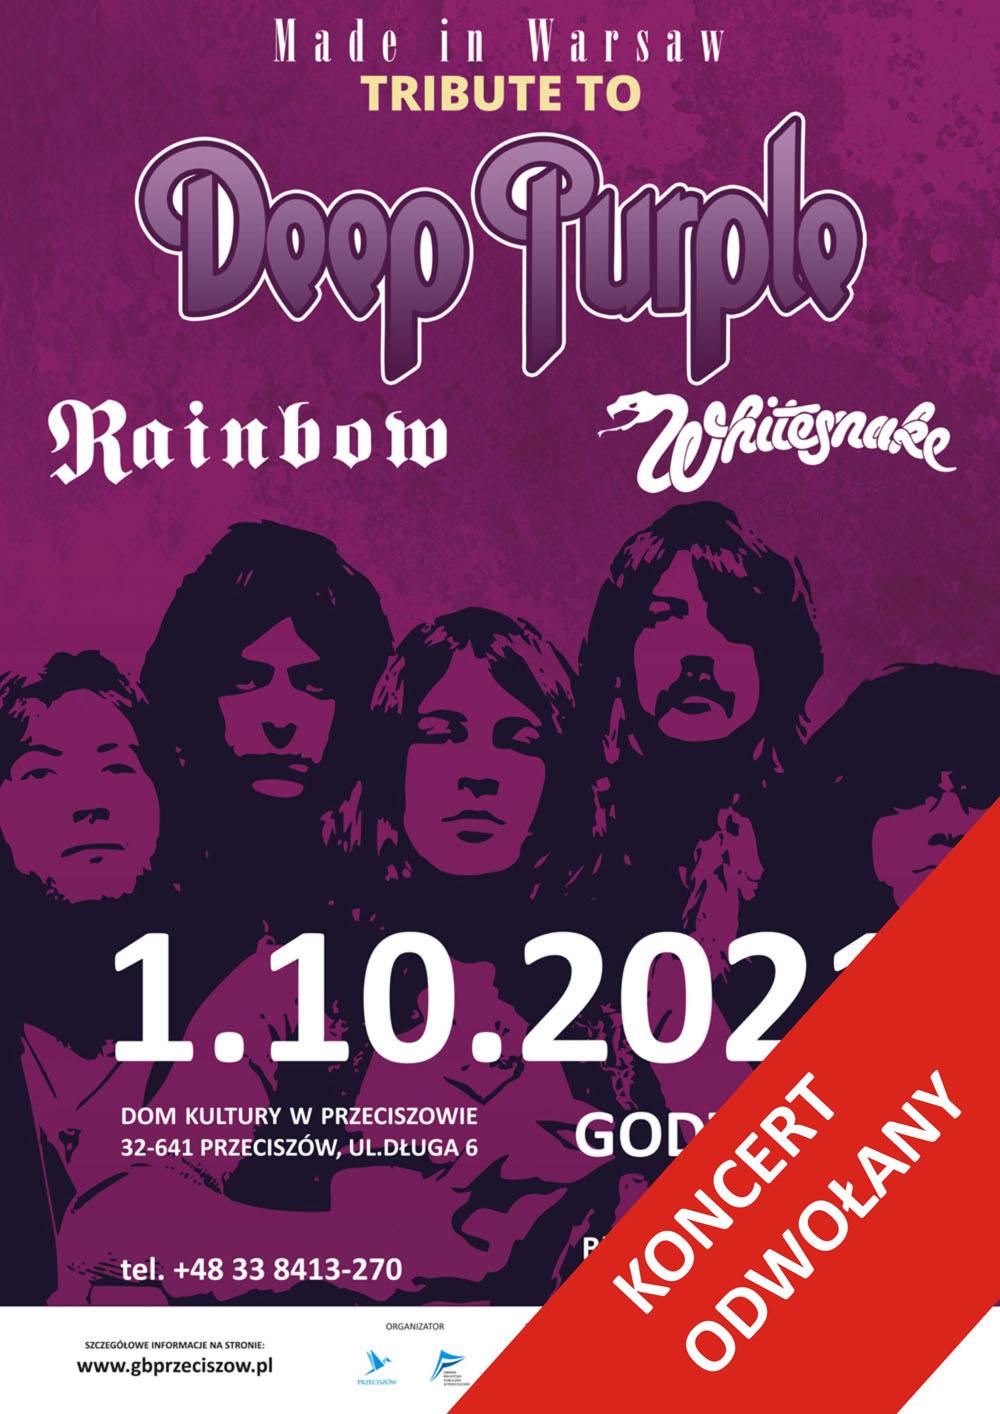 Koncert Made in Warsaw odwołany!